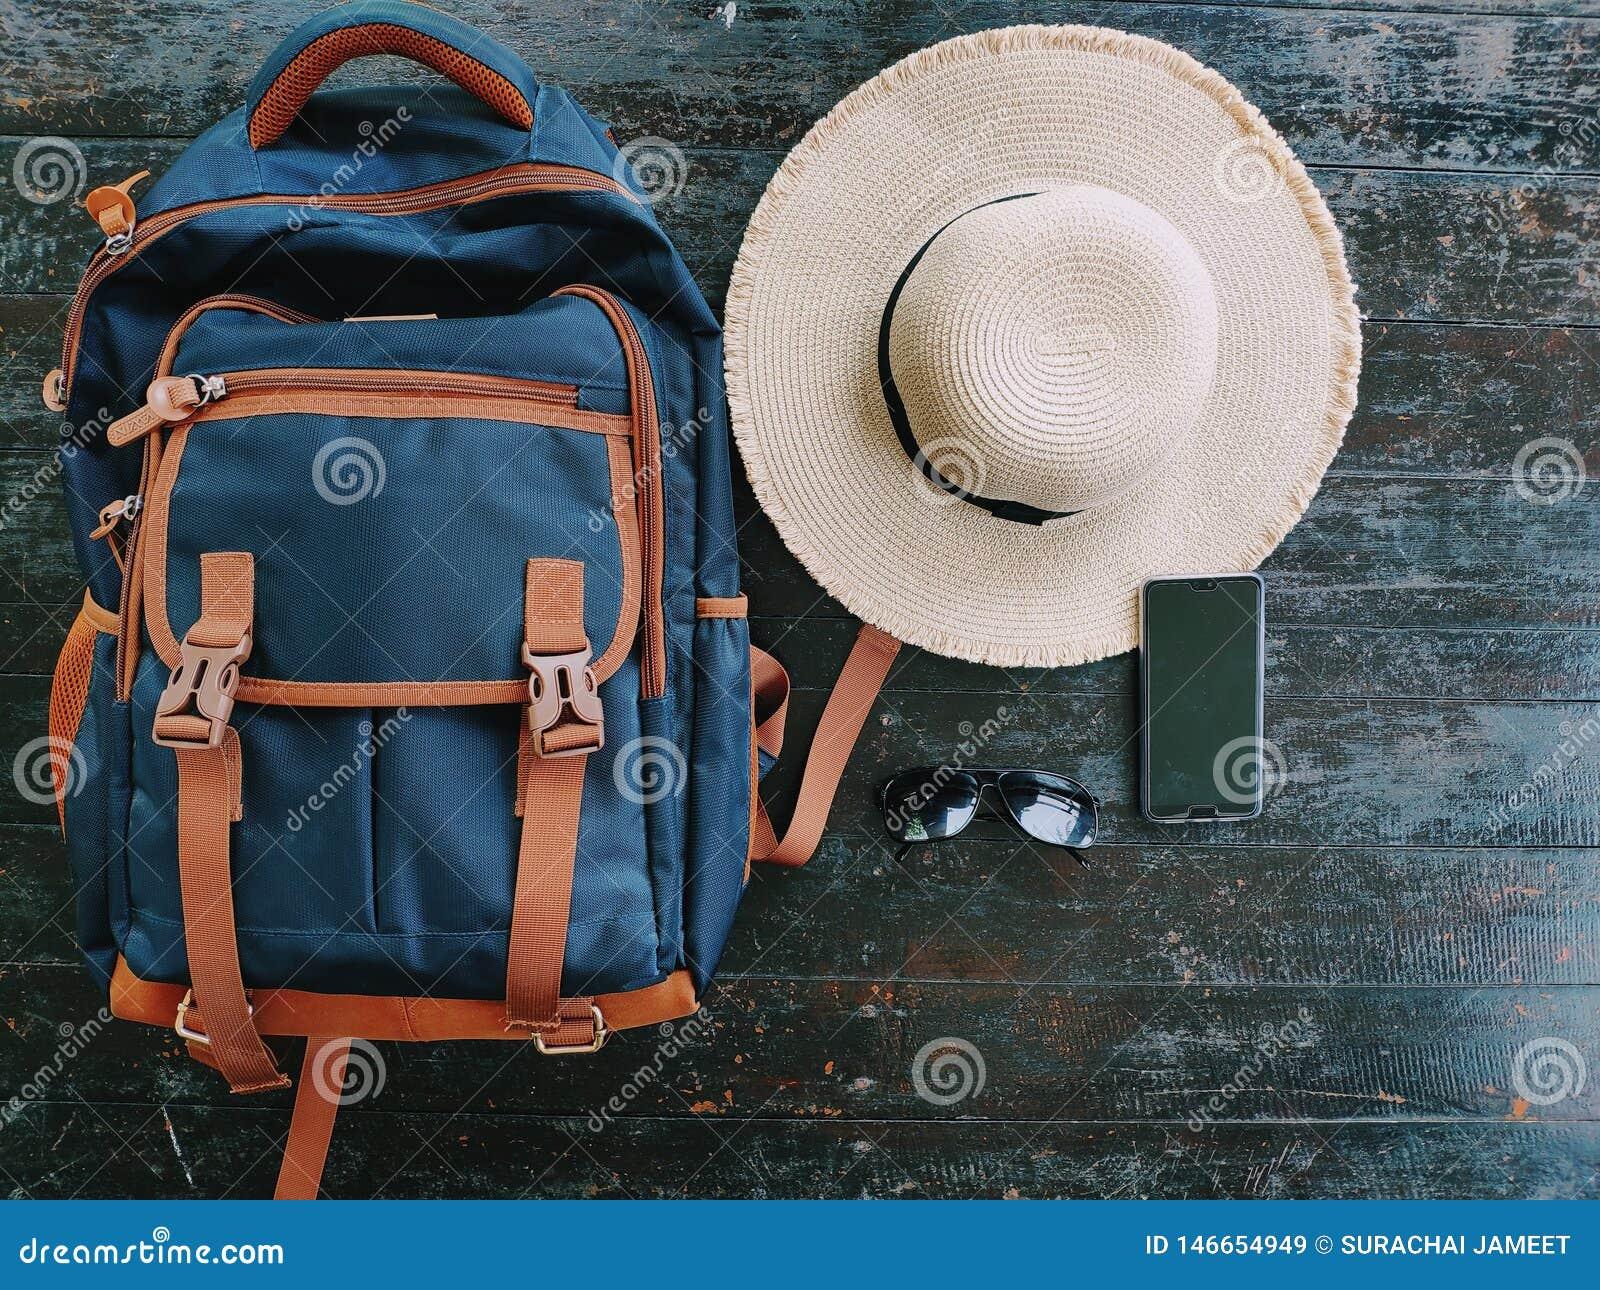 Borsa di viaggio, cappello, vetri di sole, telefono cellulare, disposto su una tavola di legno per il viaggio durante la vacanza